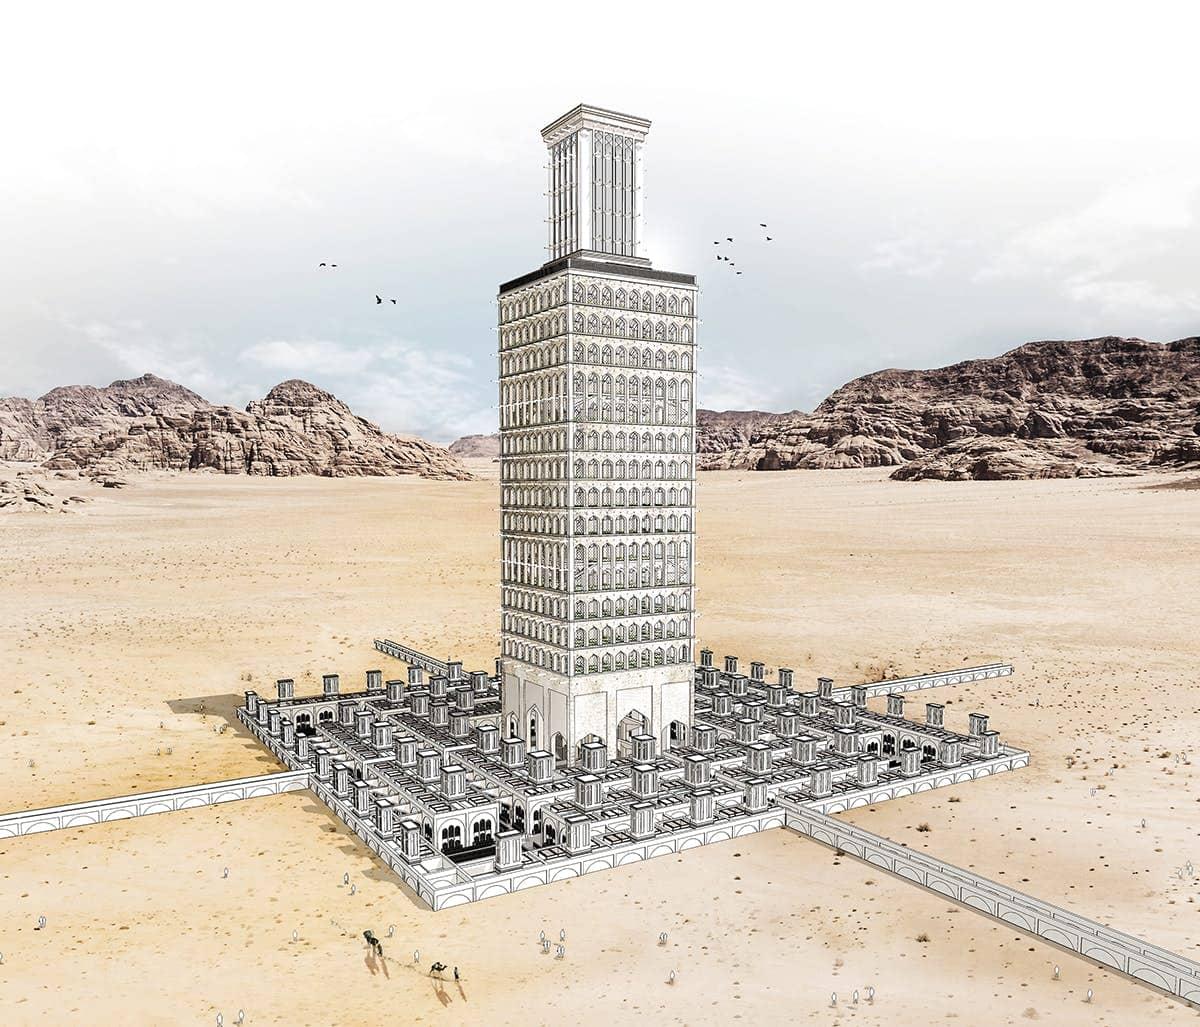 2019 eVolo Skyscraper Competition Winner Has Been Announced!